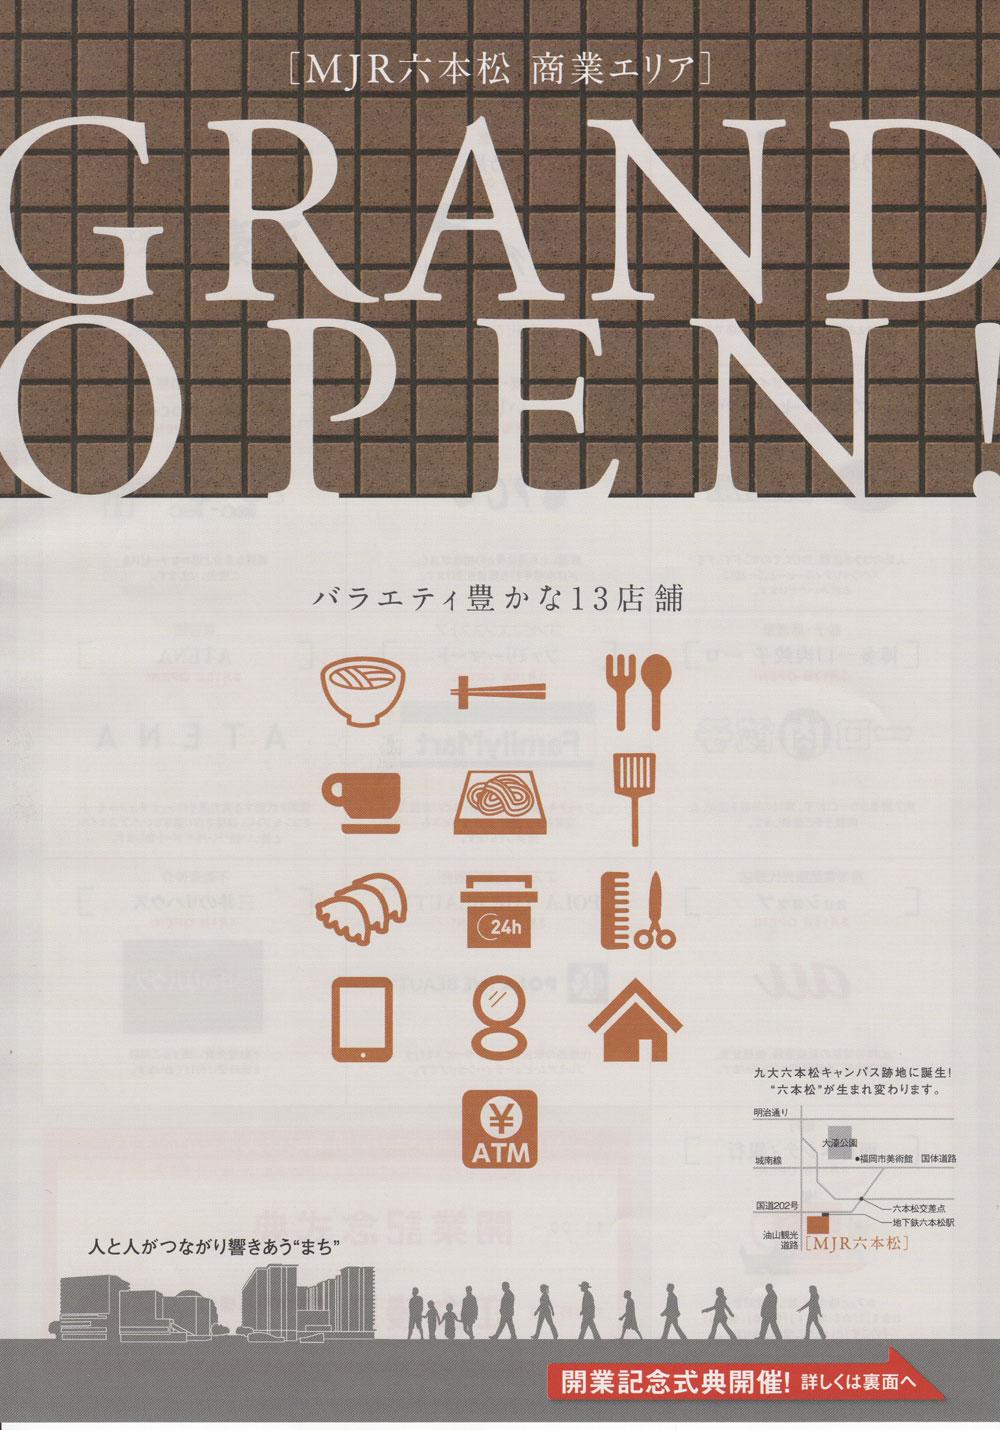 福岡アンテナ六本松の再開発地区に、新しくできる店舗が発表されましたオススメ記事広告おすすめ特集人気の記事